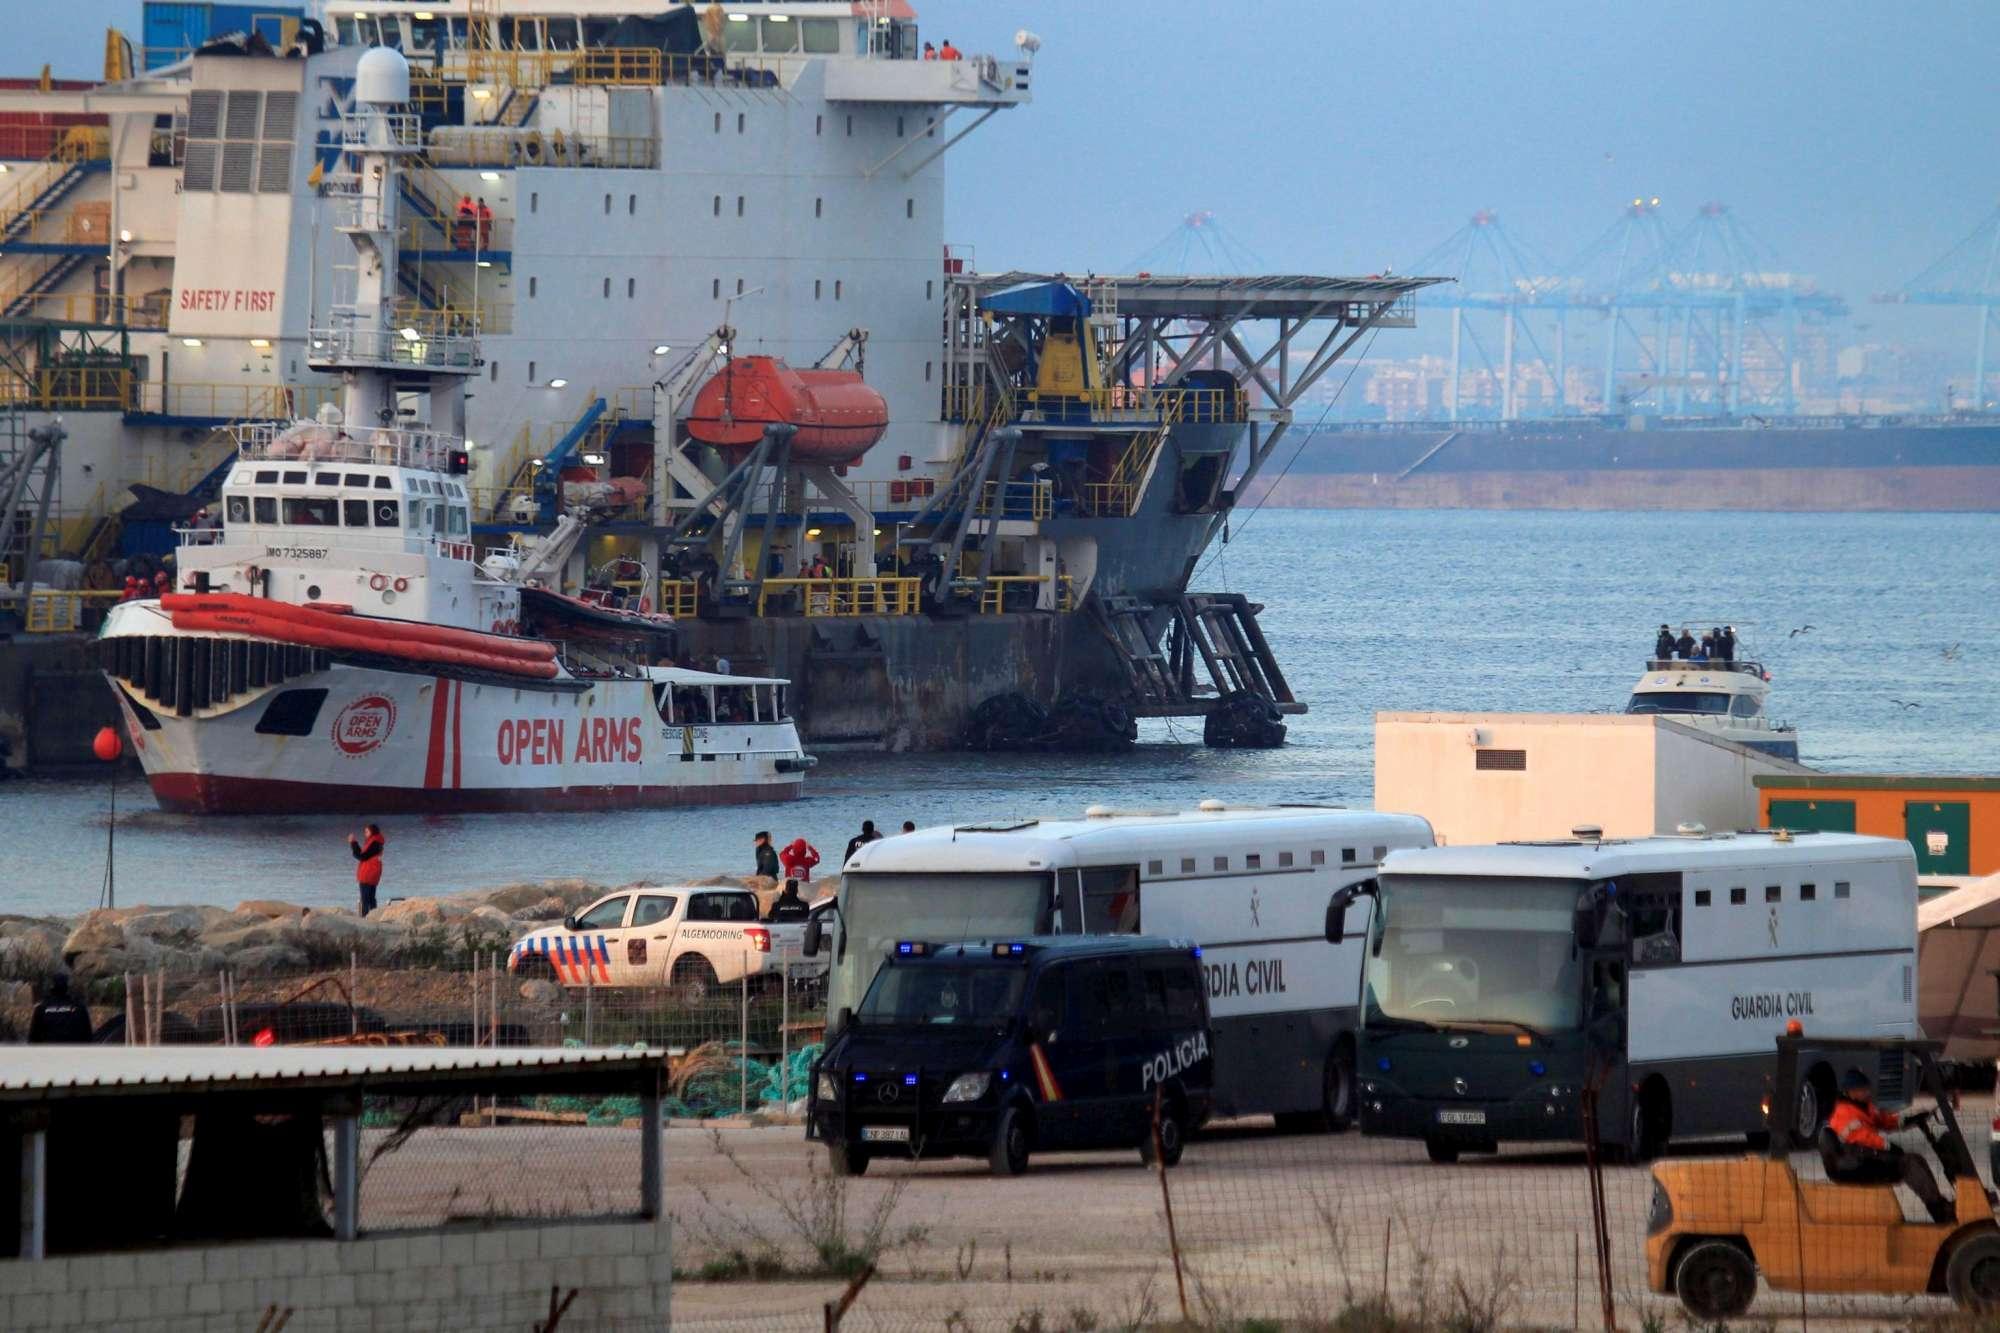 Open Arms, approdata in Spagna la nave con 310 migranti a bordo